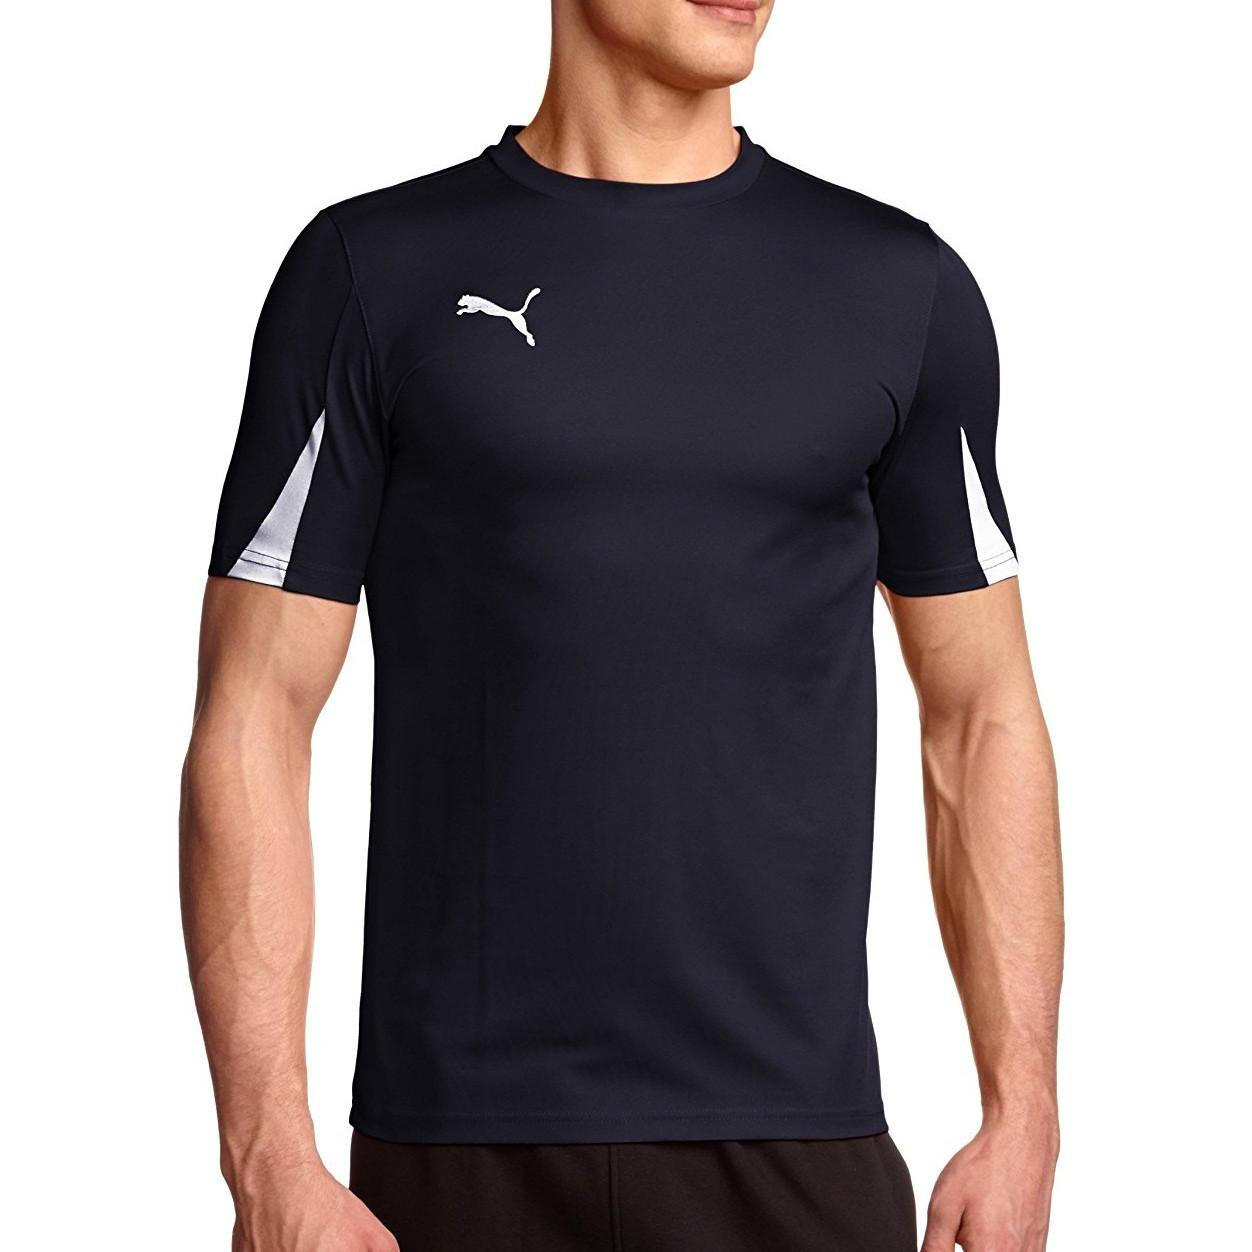 d71da383b08f Футболка спортивная мужская Puma T-Shirt Team 701269 06 (темно-синяя,  полиэстер, для тренировок, логотип пума)